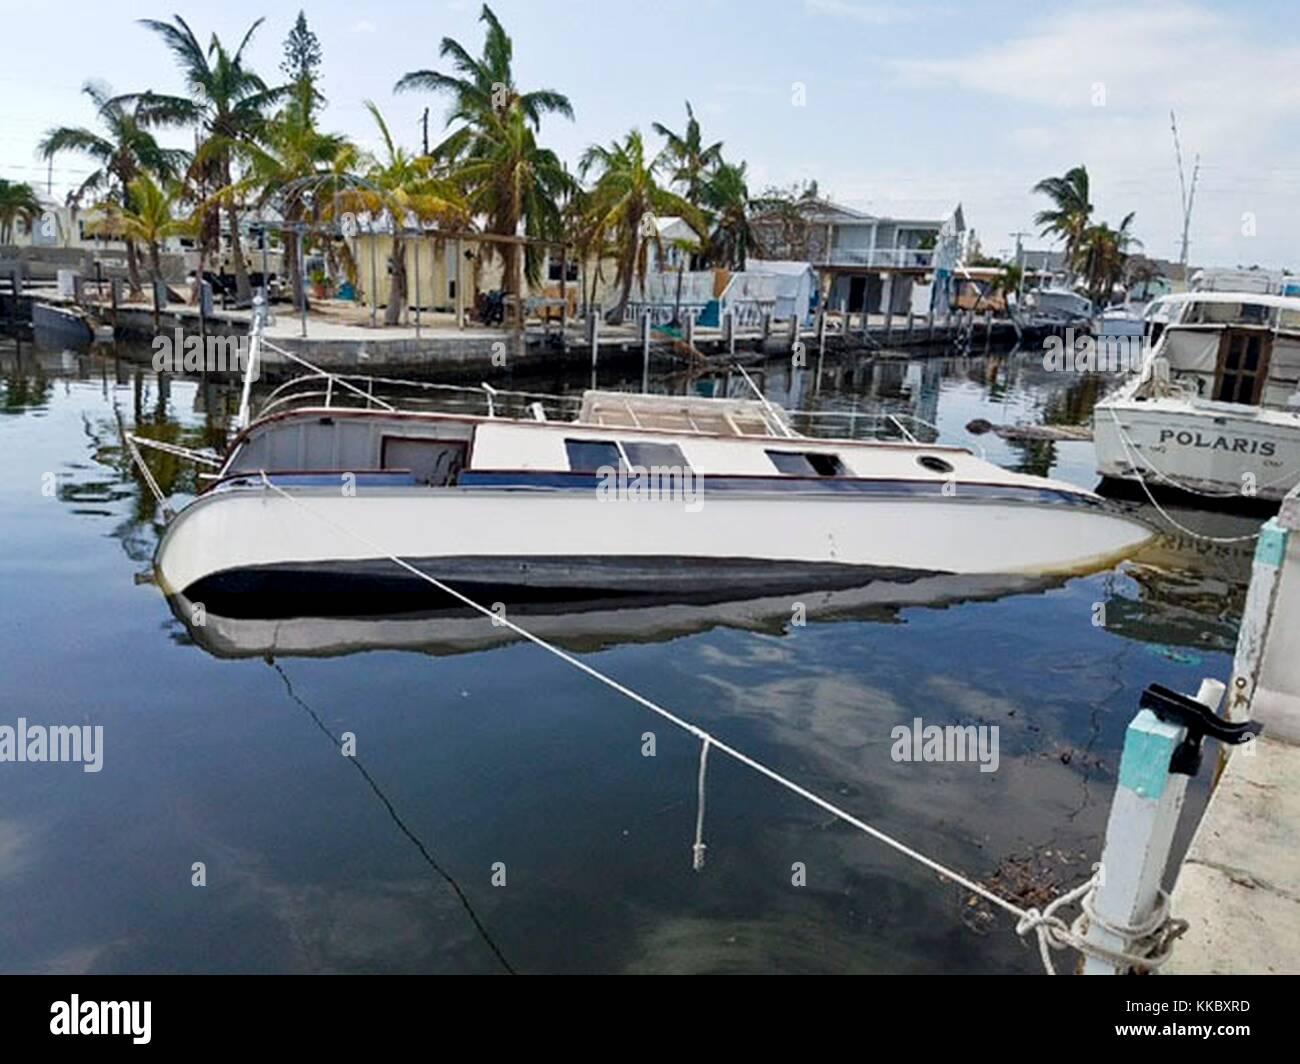 Eine beschädigte und versunkenen Boot im Gefolge des Hurrikans Irma am 16. September 2017 in Marathon, Florida. Stockbild